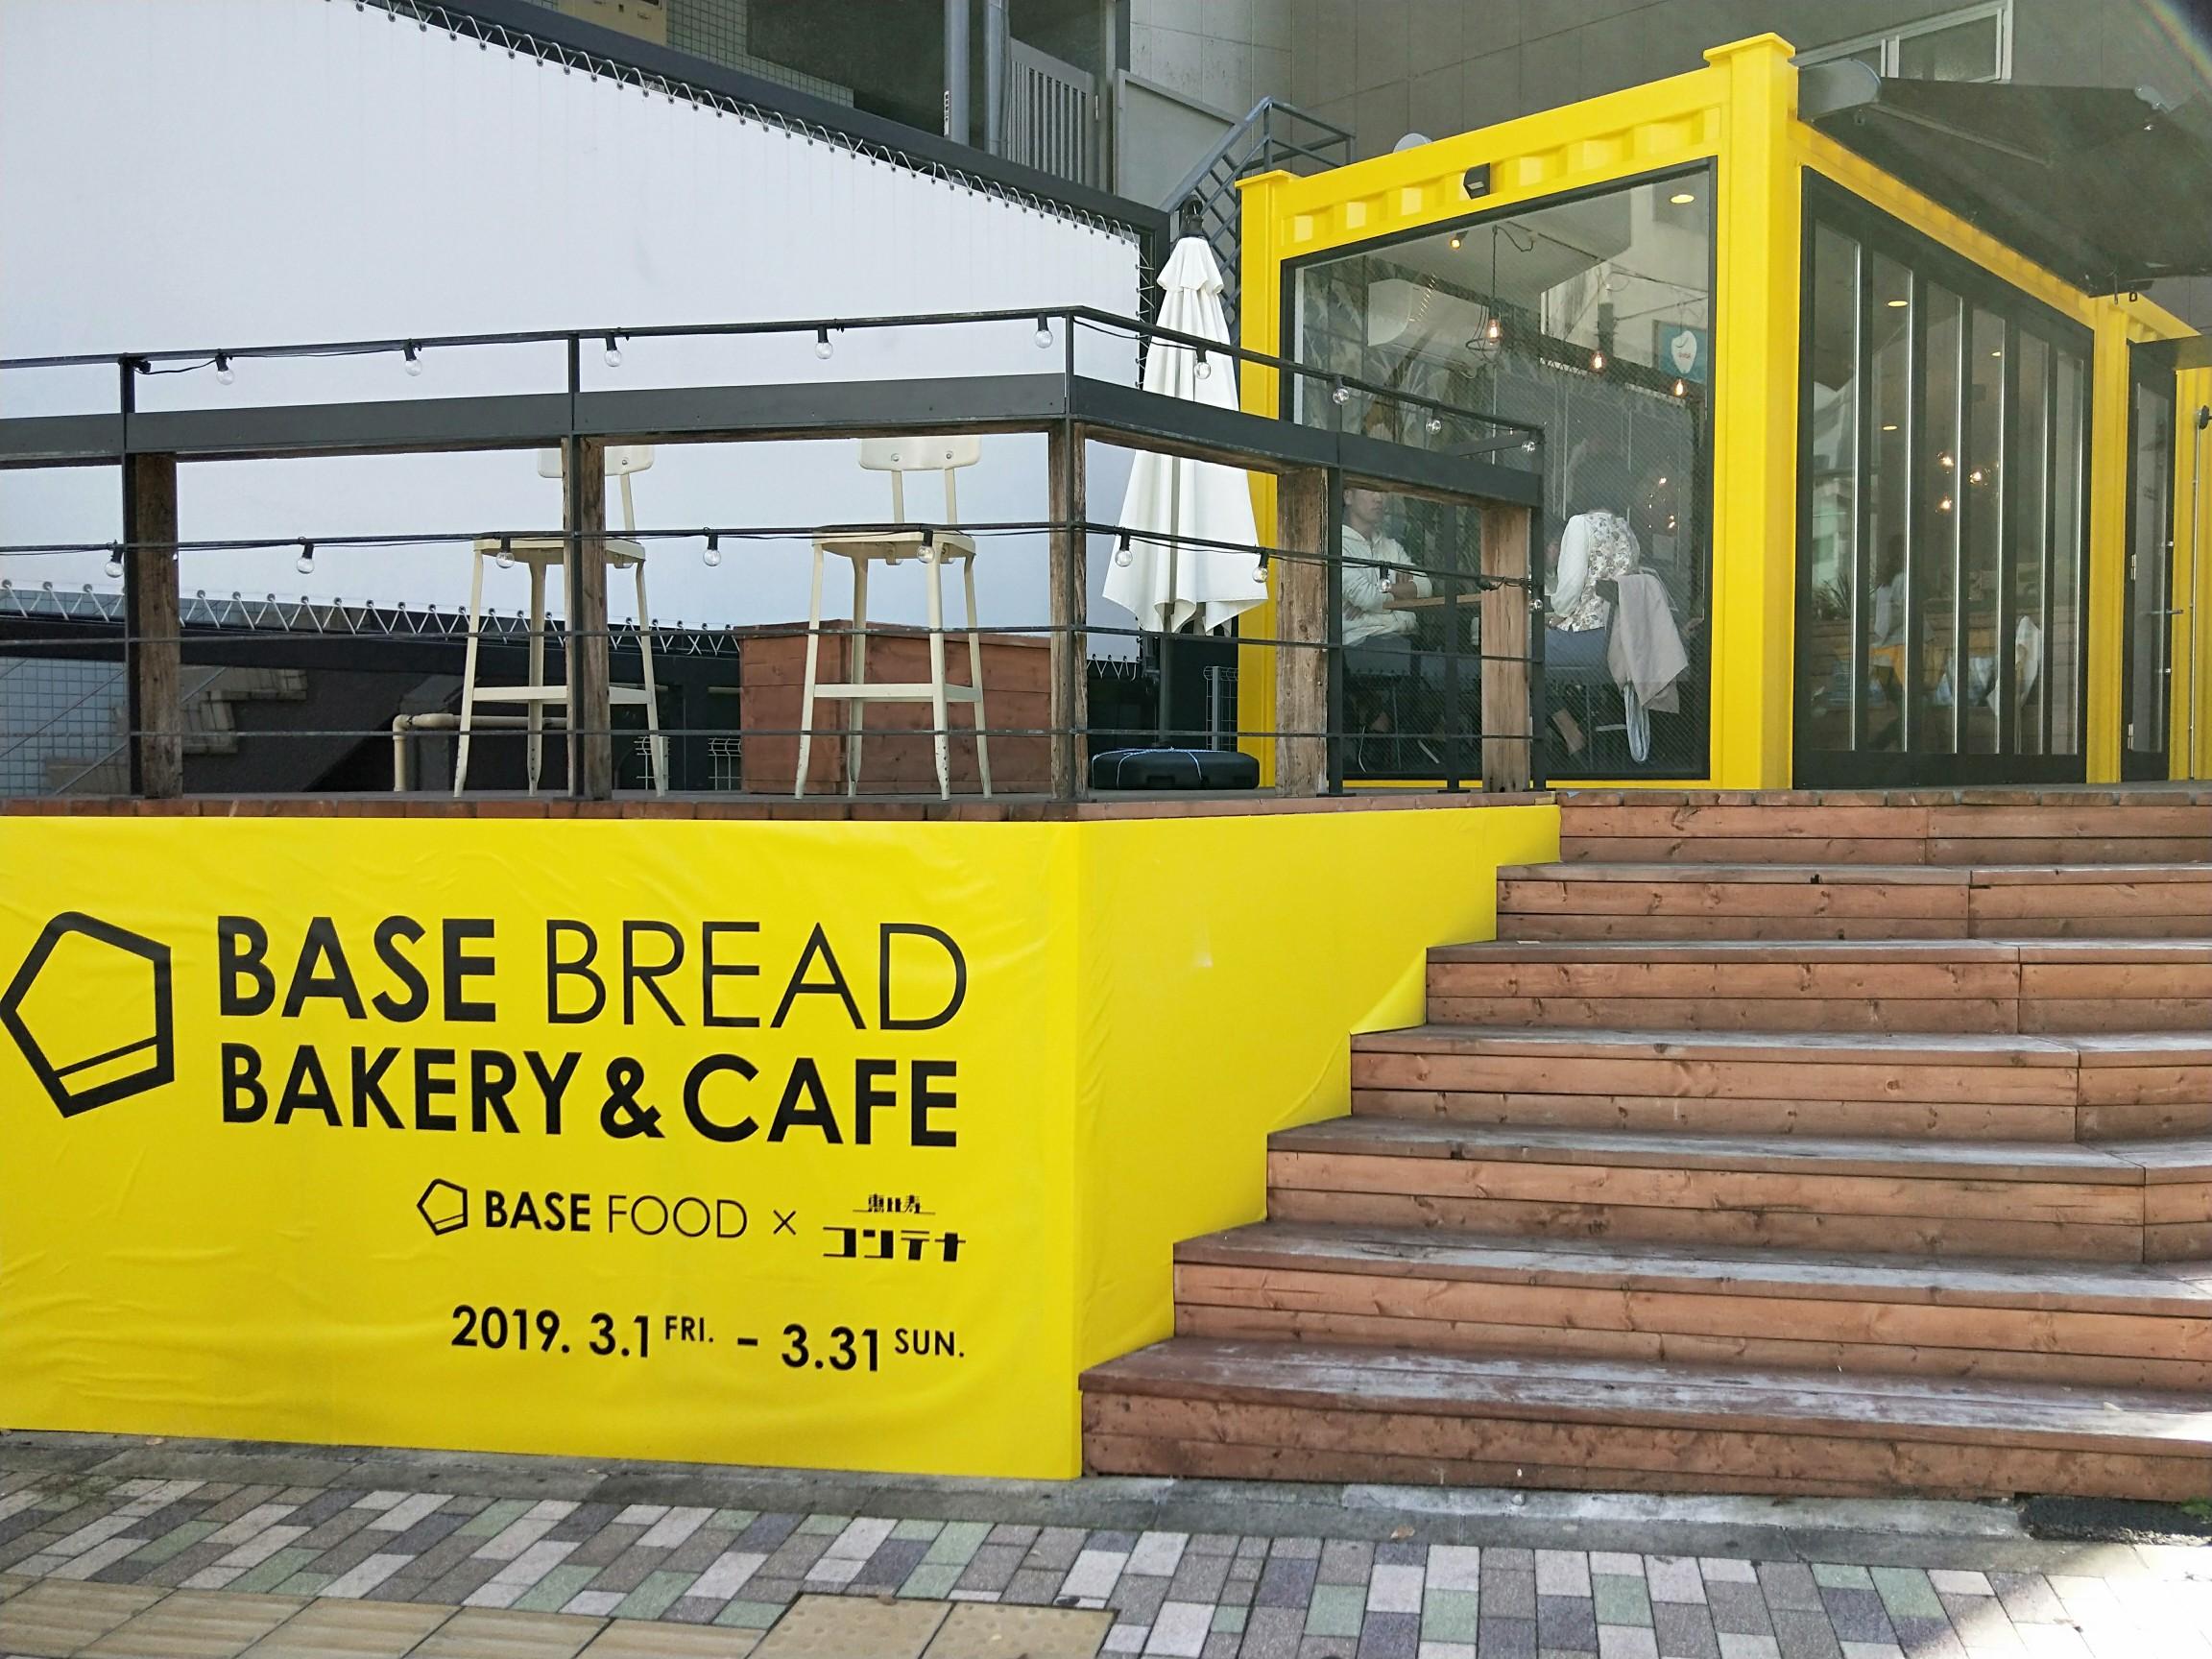 """【恵比寿】栄養たっぷり!もちもち""""BASE BREAD""""を楽しめる期間限定カフェへ★_1"""